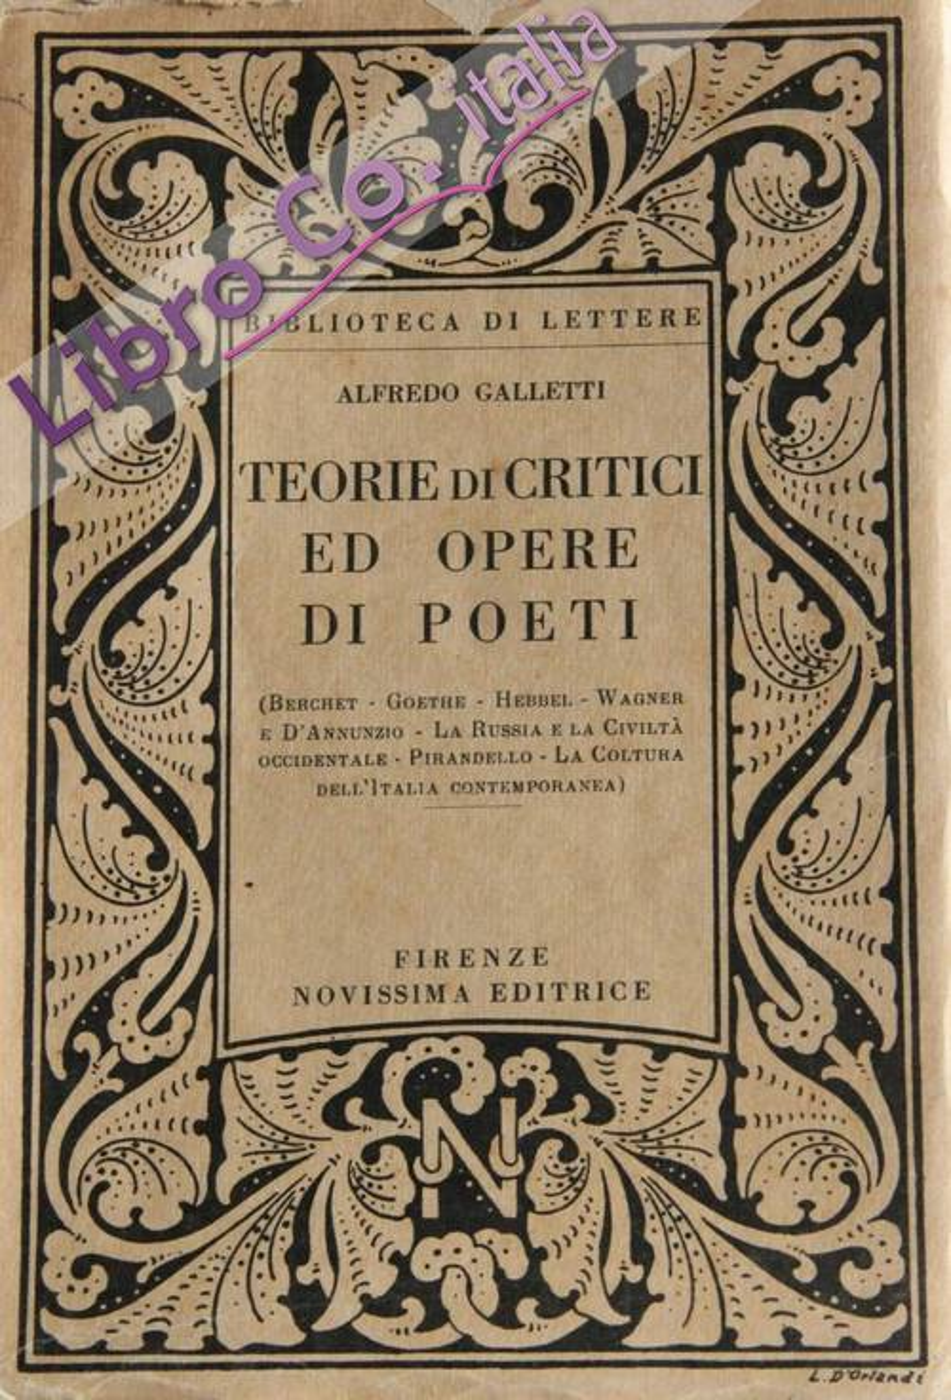 Teorie di critici ed opere di poeti